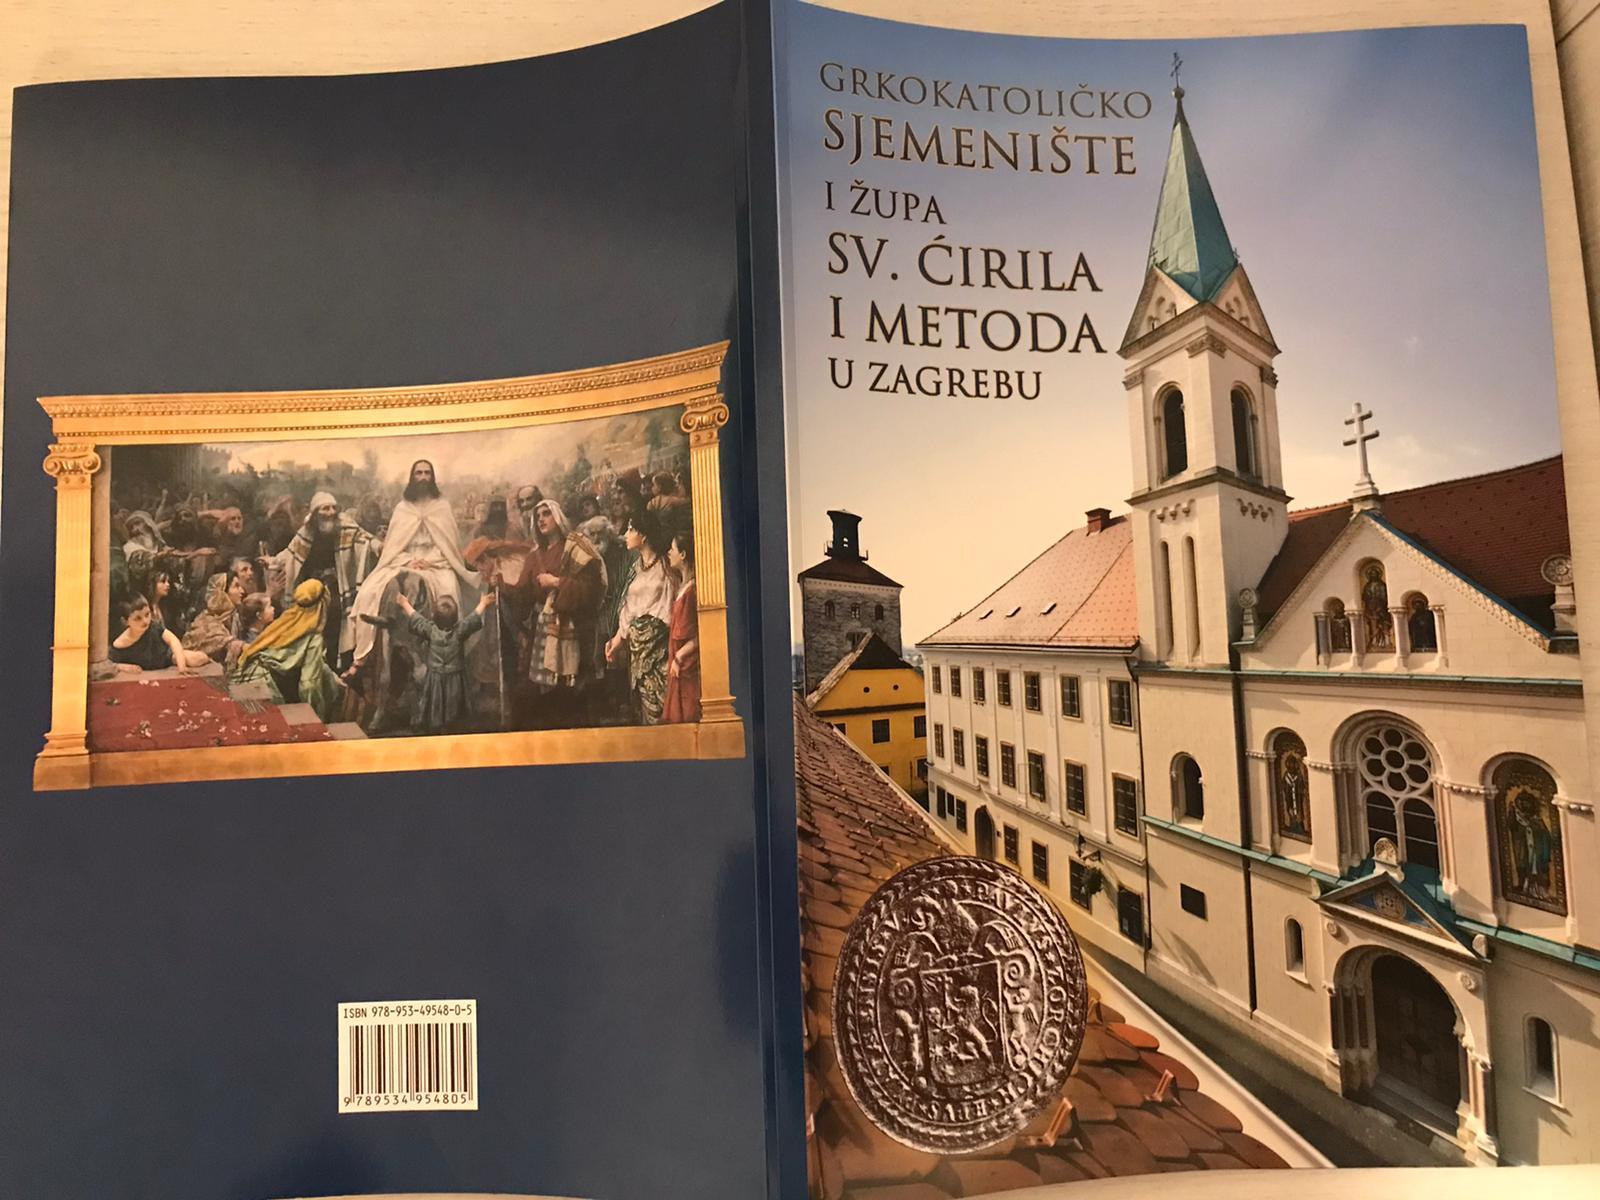 Povodom 340. godišnjice Grkokatoličkog sjemeništa tiskana fotomonografija